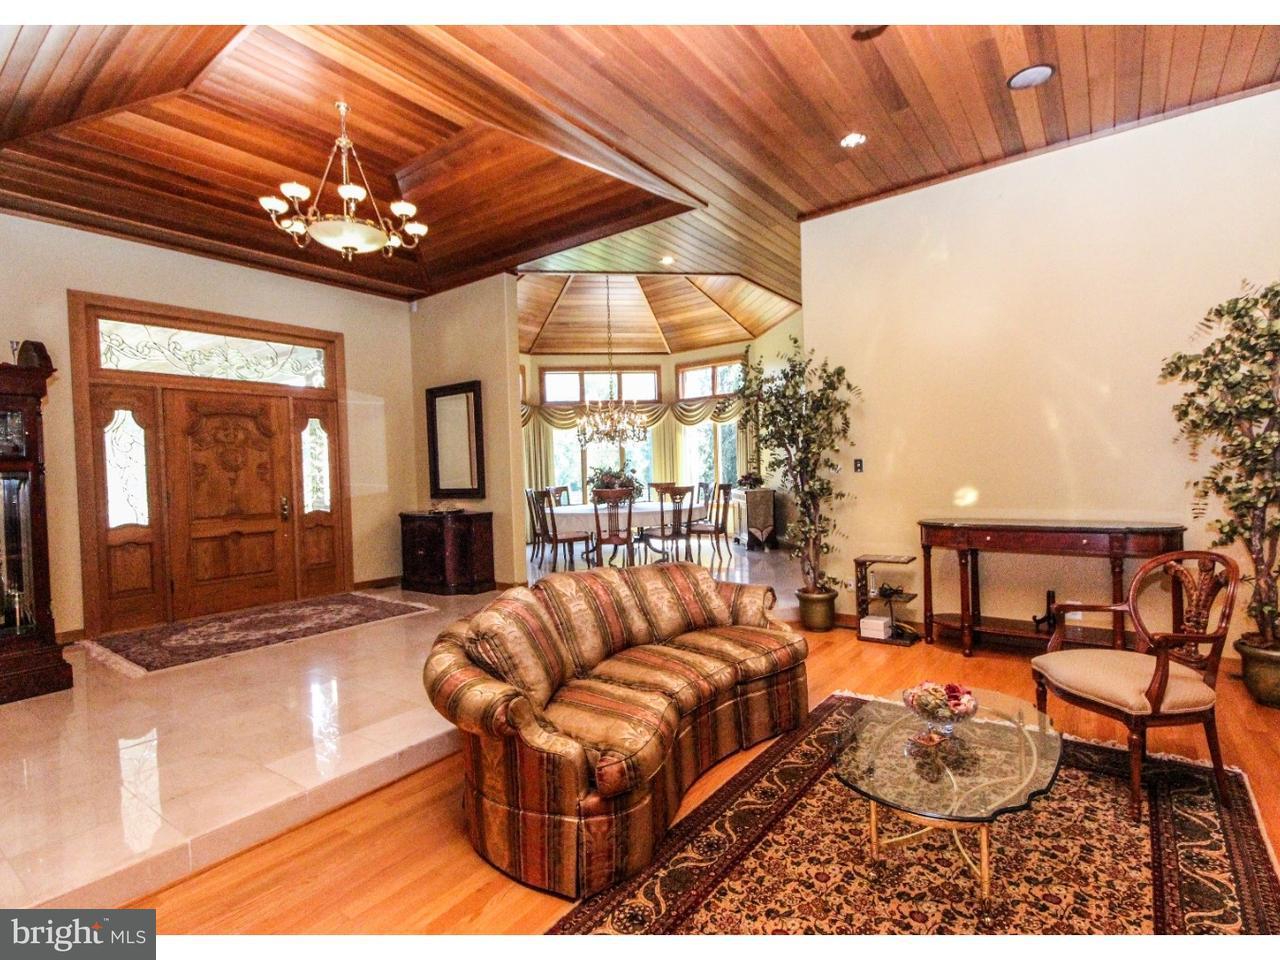 独户住宅 为 销售 在 100 LANTERN WAY Sewell, 新泽西州 08080 美国